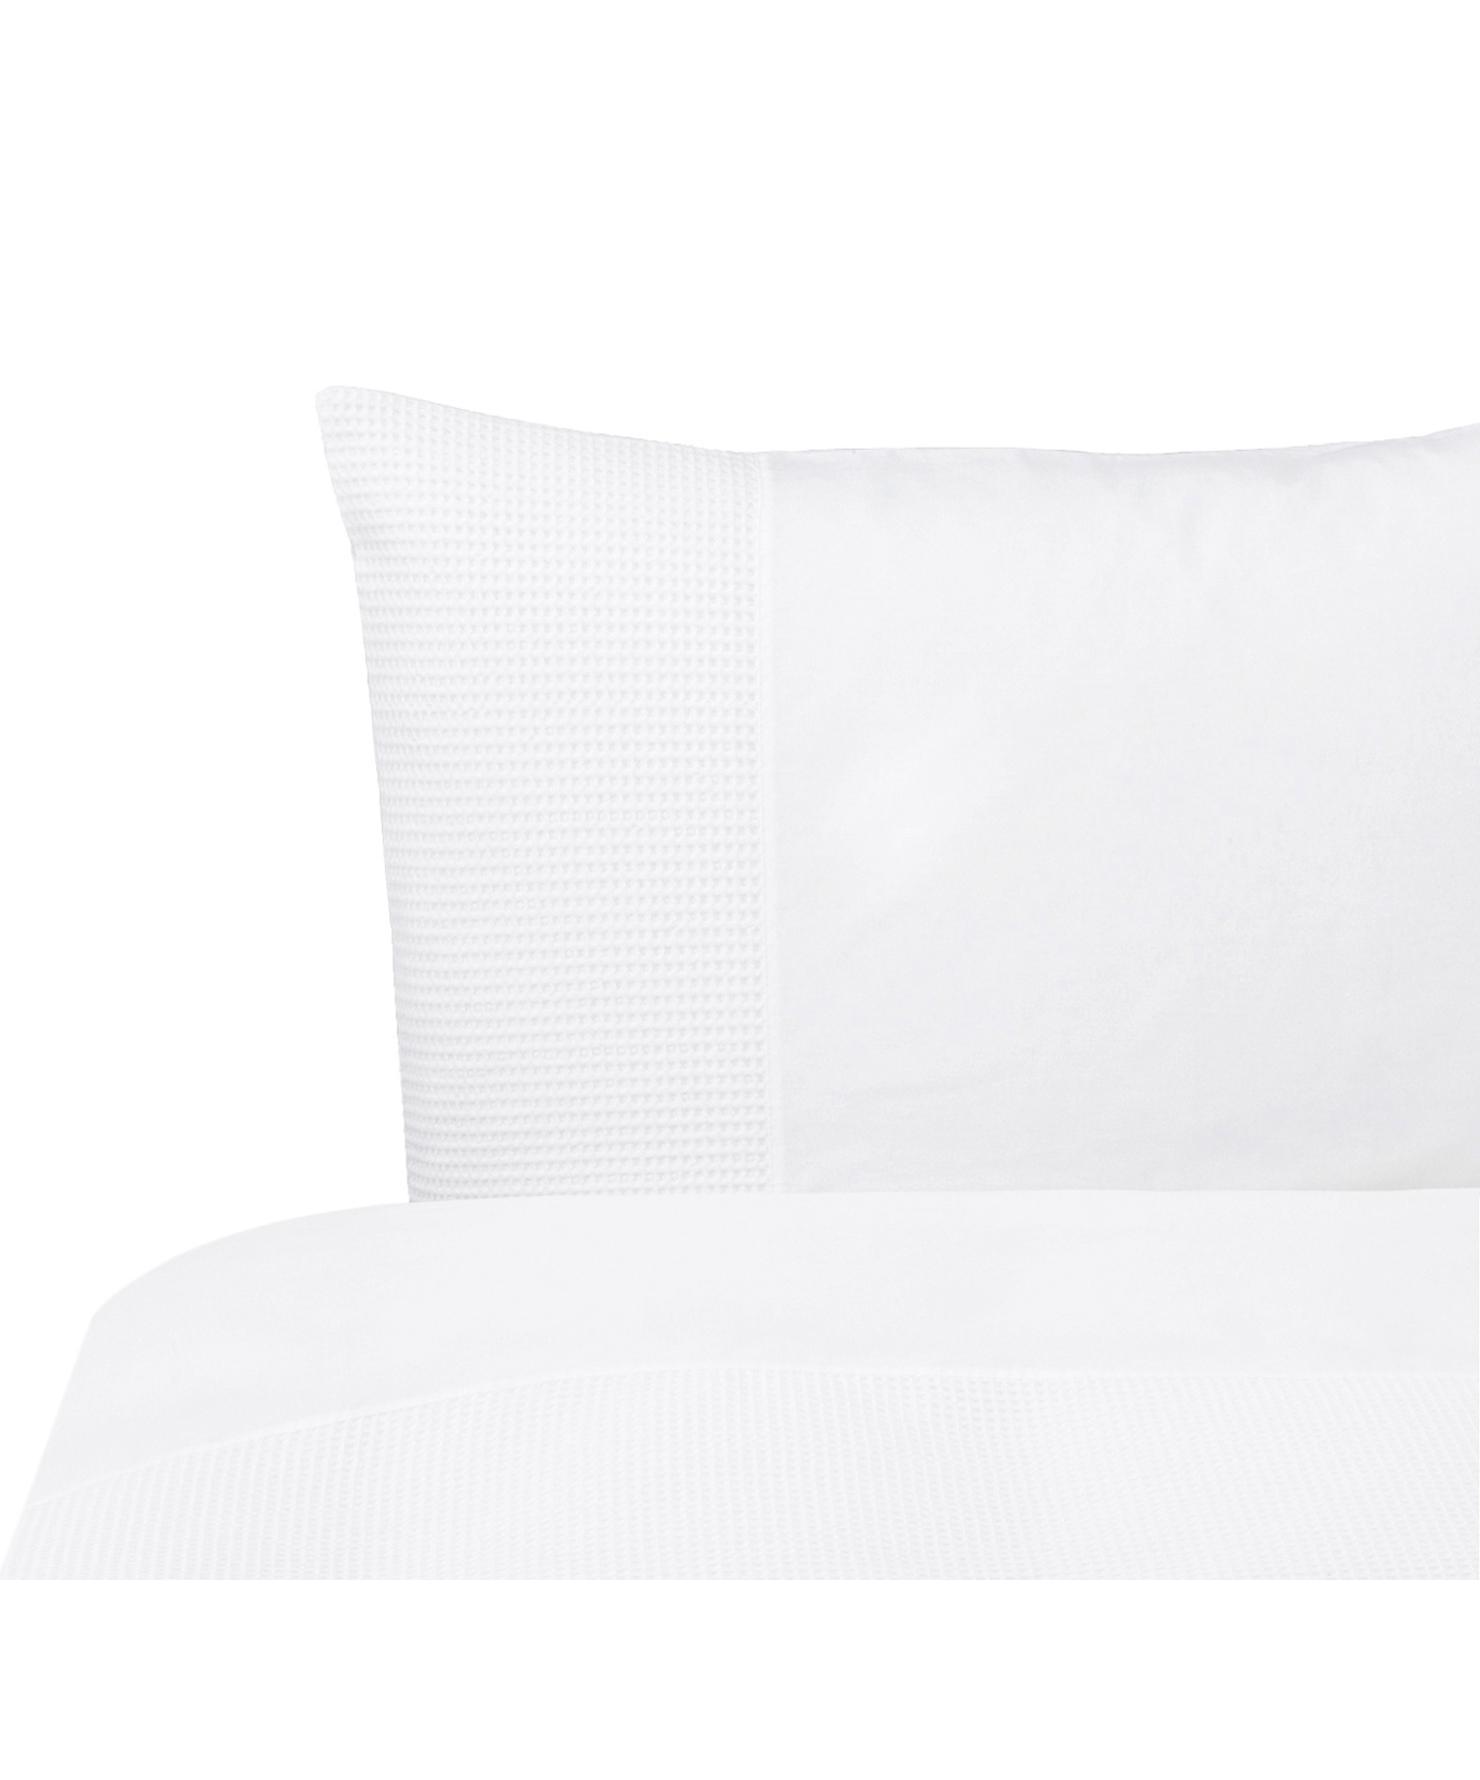 Perkal dekbedovertrek Mendoza, Bovenzijde: katoen, Weeftechniek: perkal met wafelstructuur, Onderzijde: katoen, Weeftechniek: perkal, glad, Wit, 140 x 220 cm